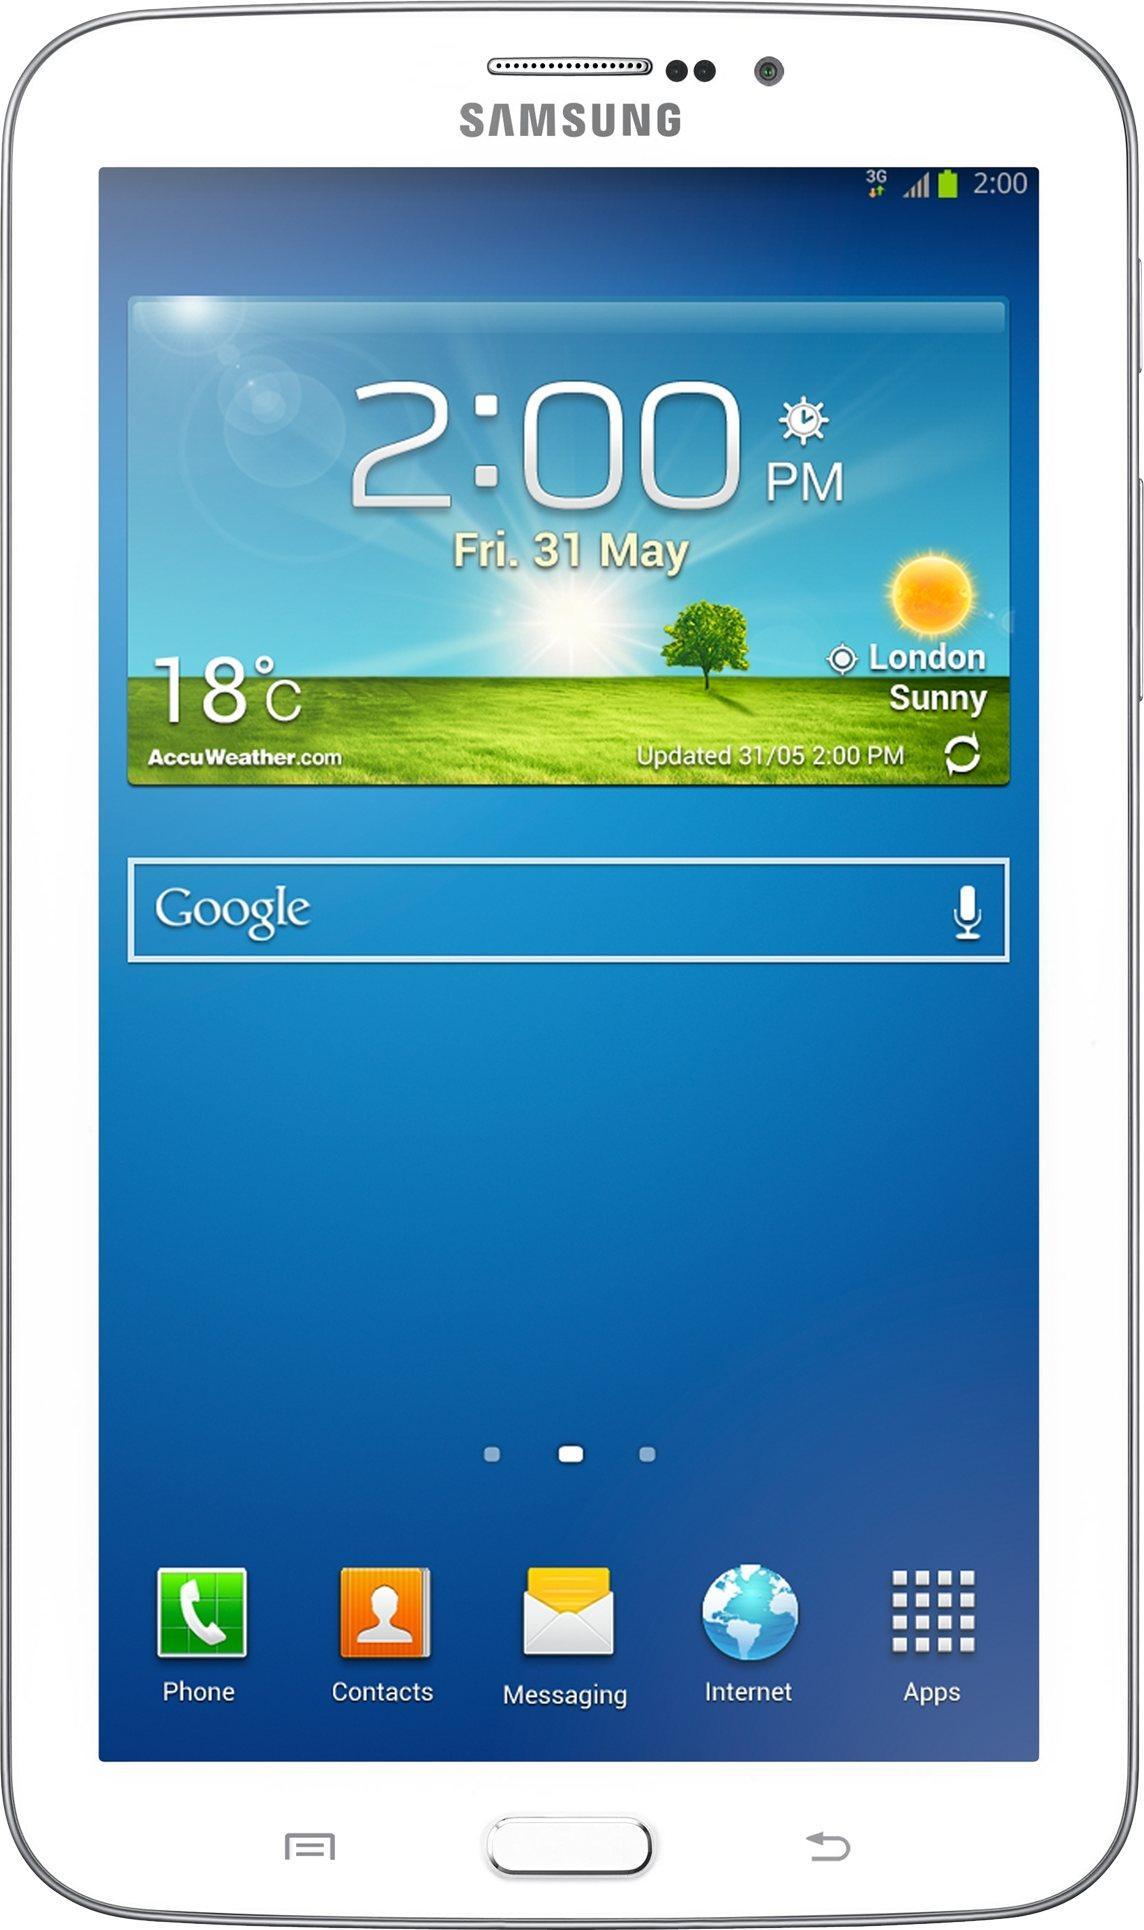 Galaxy Tab 3 7.0 (WiFi+3G) SM-T211